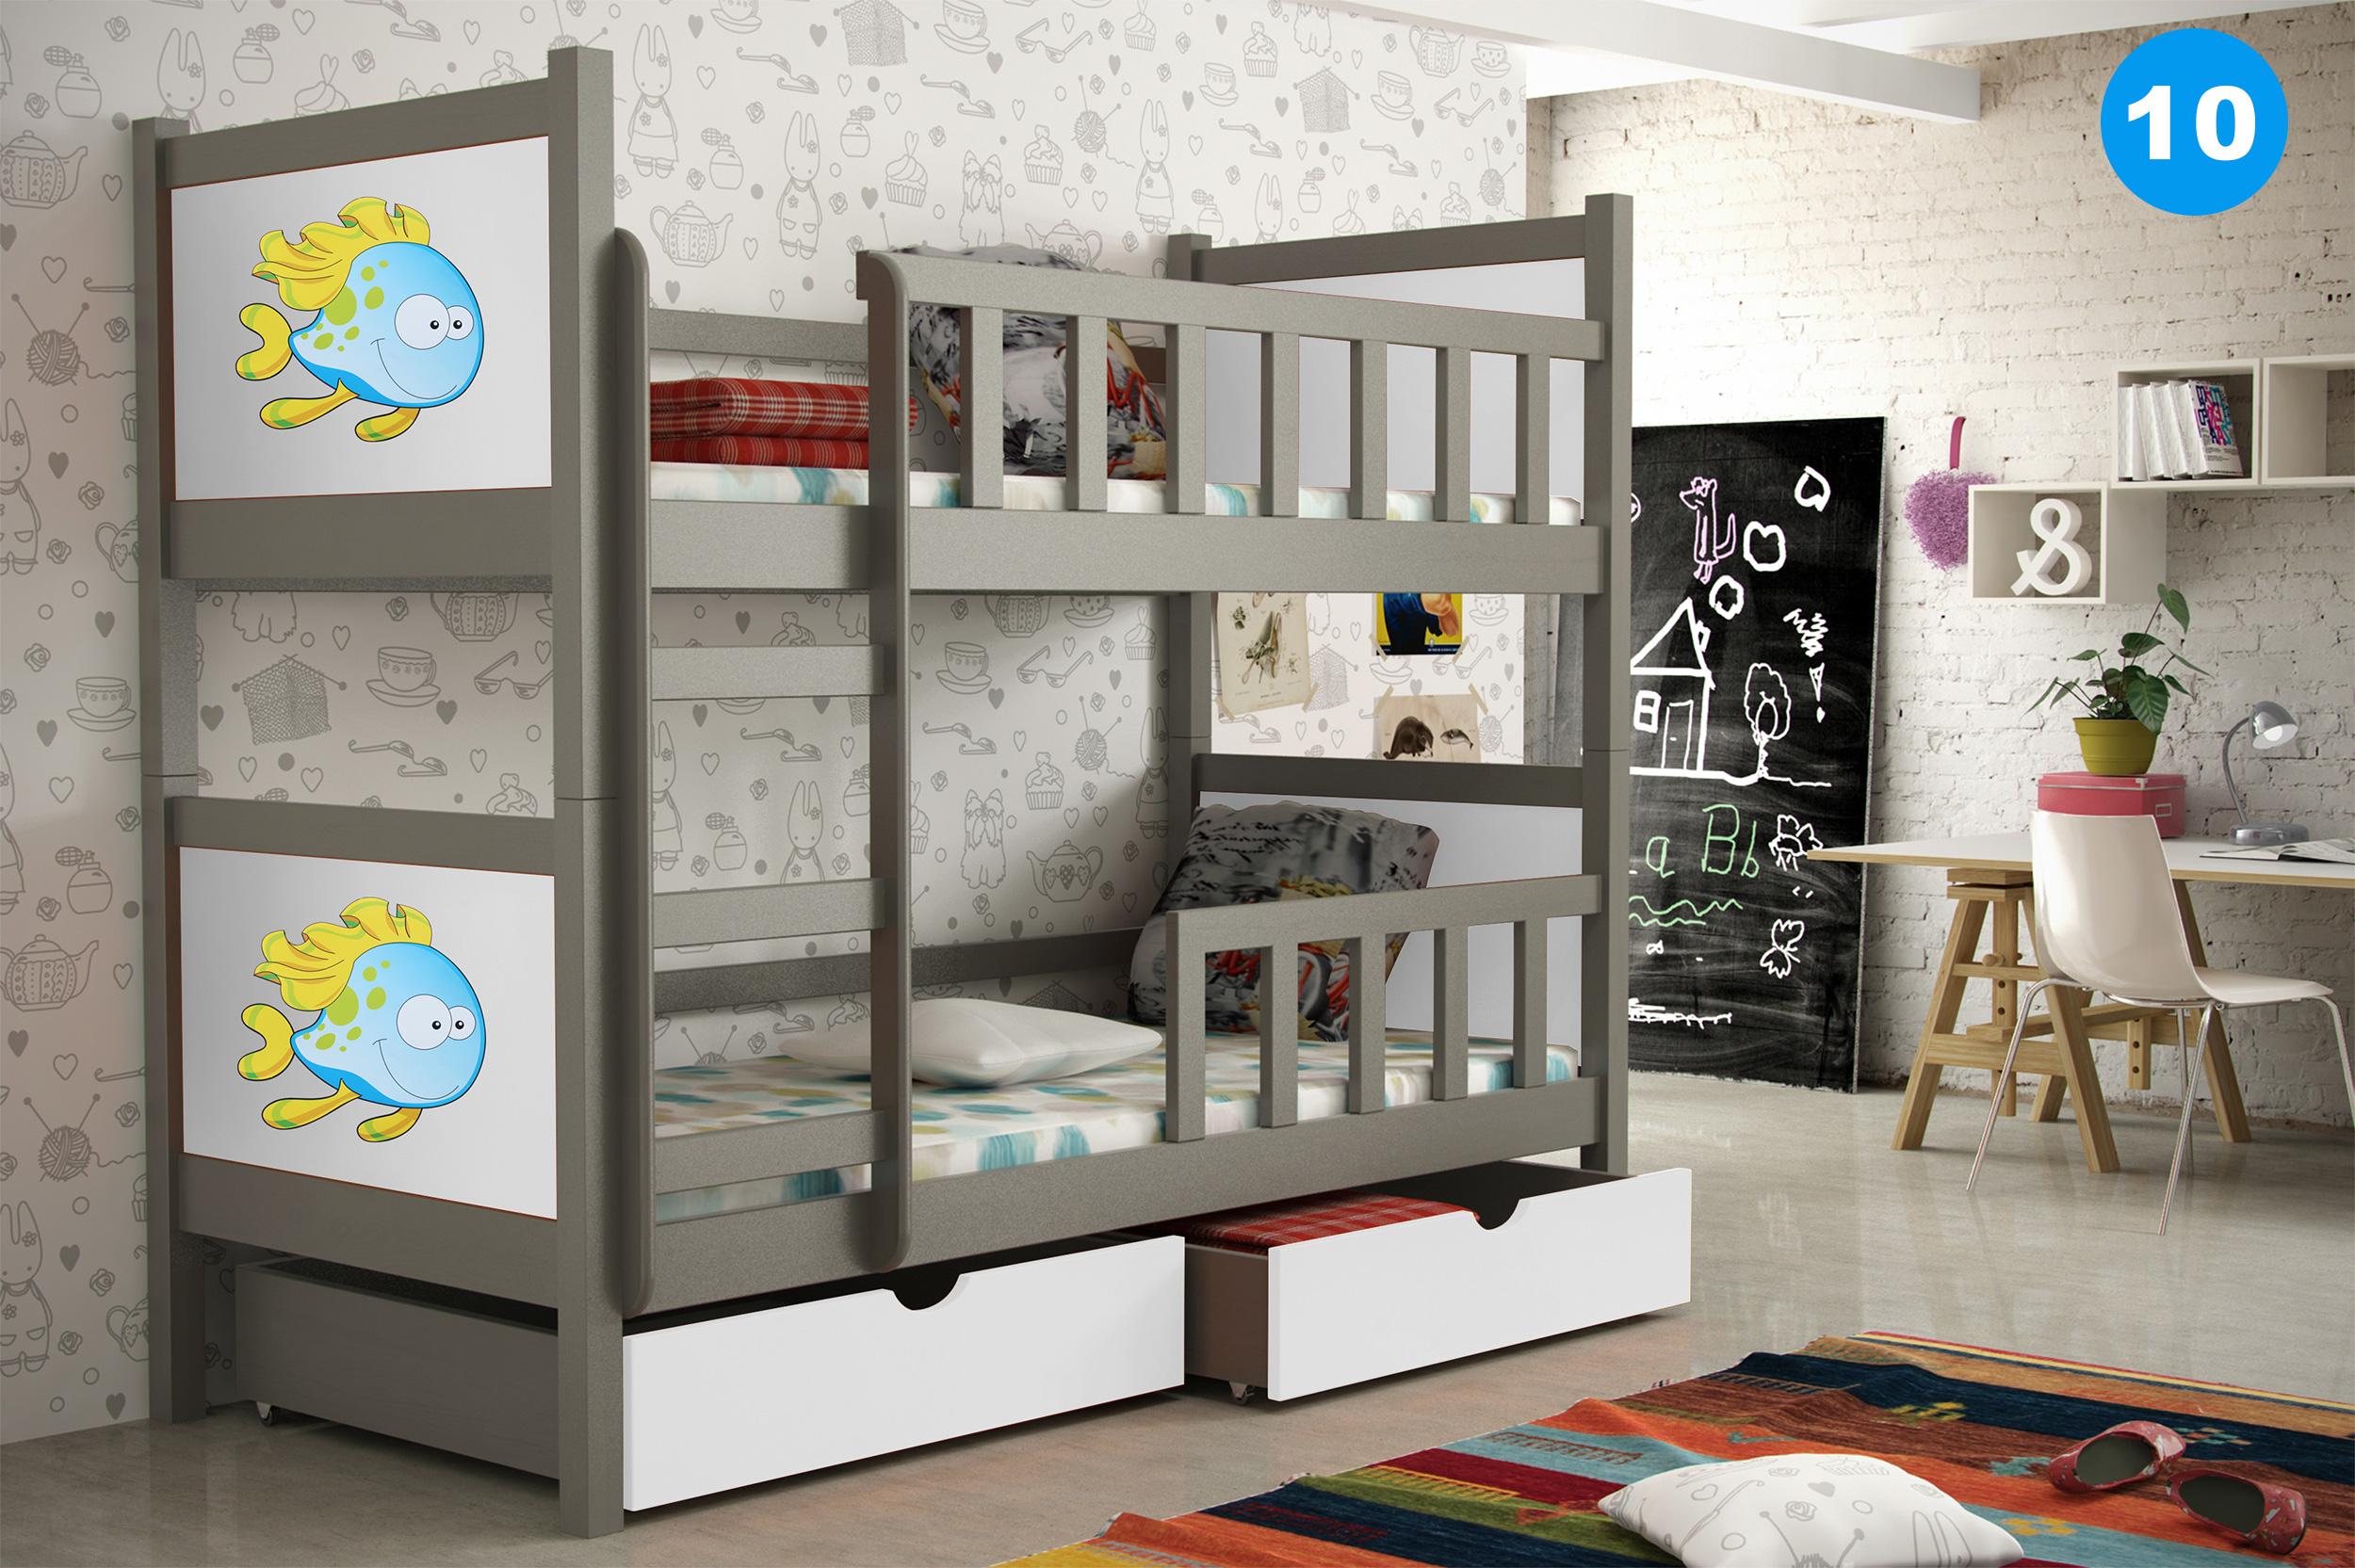 Etagenbett Abc : Abc meubles hochbett sylvia mit leiter sylviaech brutto